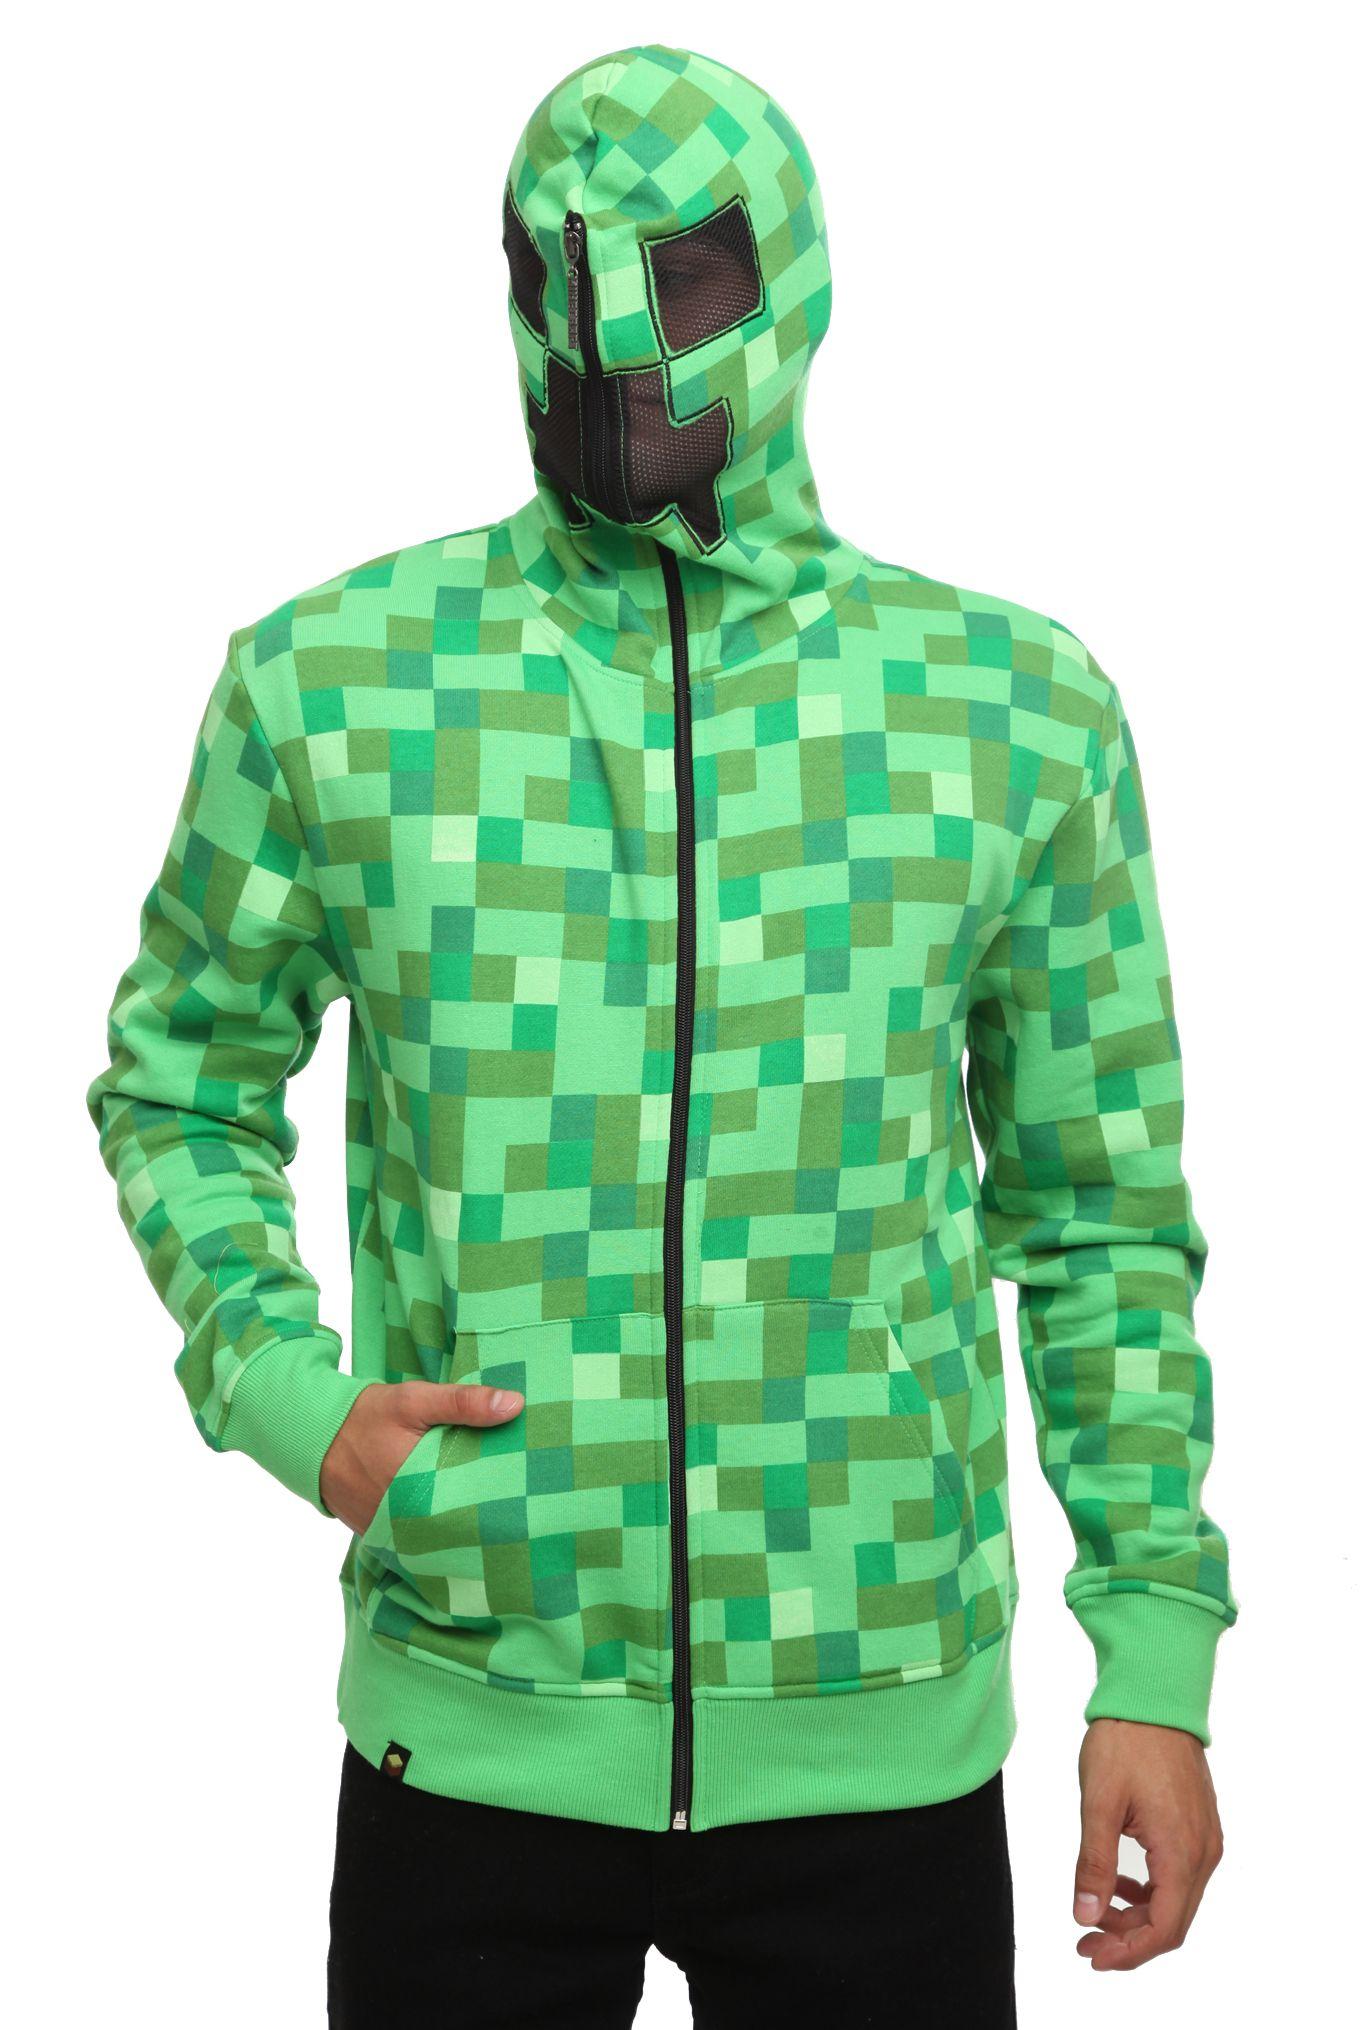 Jinx minecraft creeper costume hoodie creeper hoodie